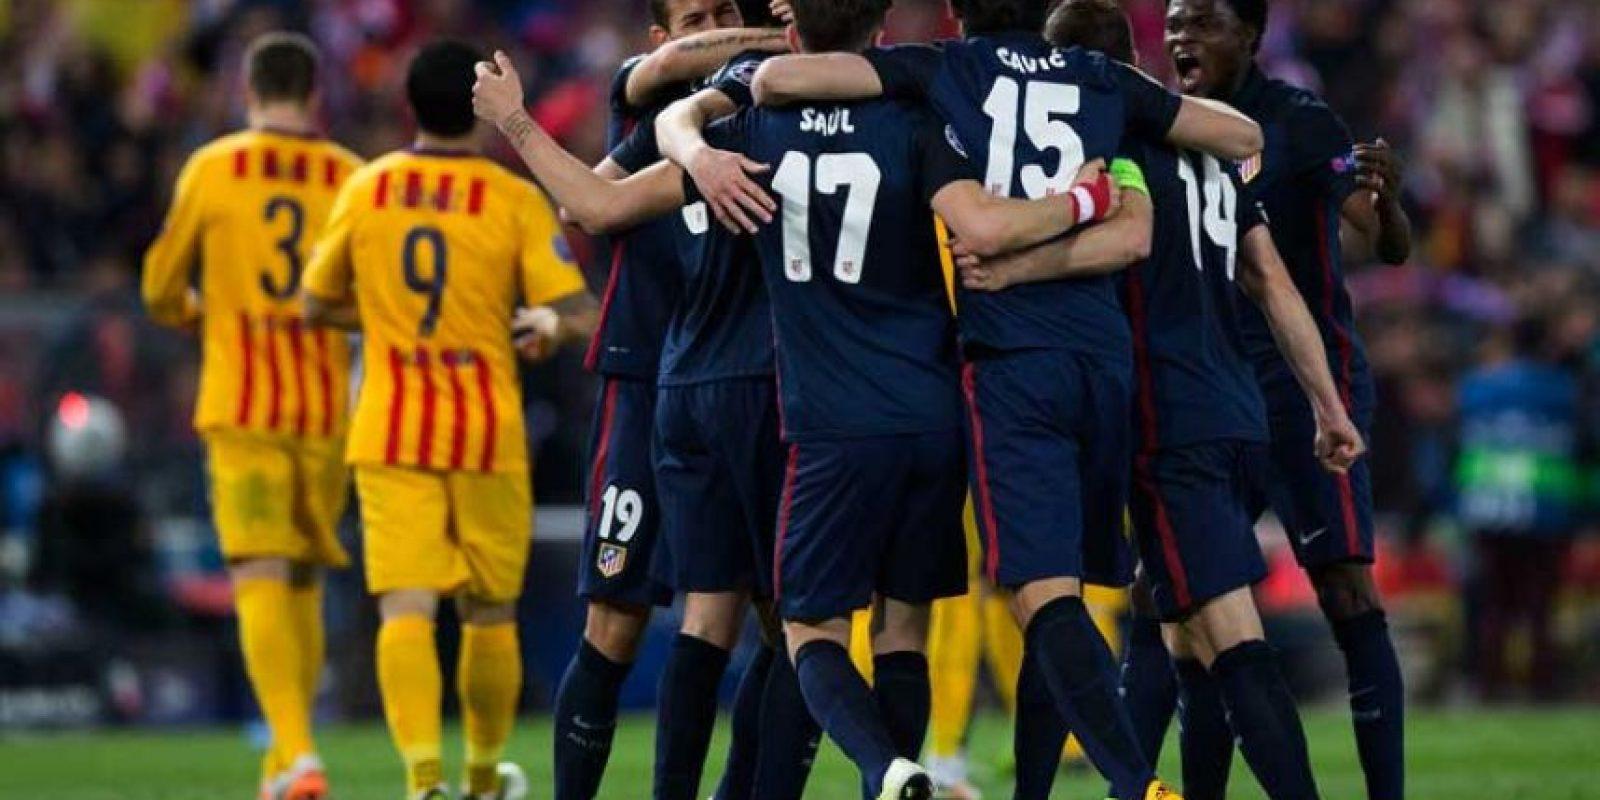 Esto, durante jugadas de peligro para los locales en el Vicente Calderón. Foto:Getty Images